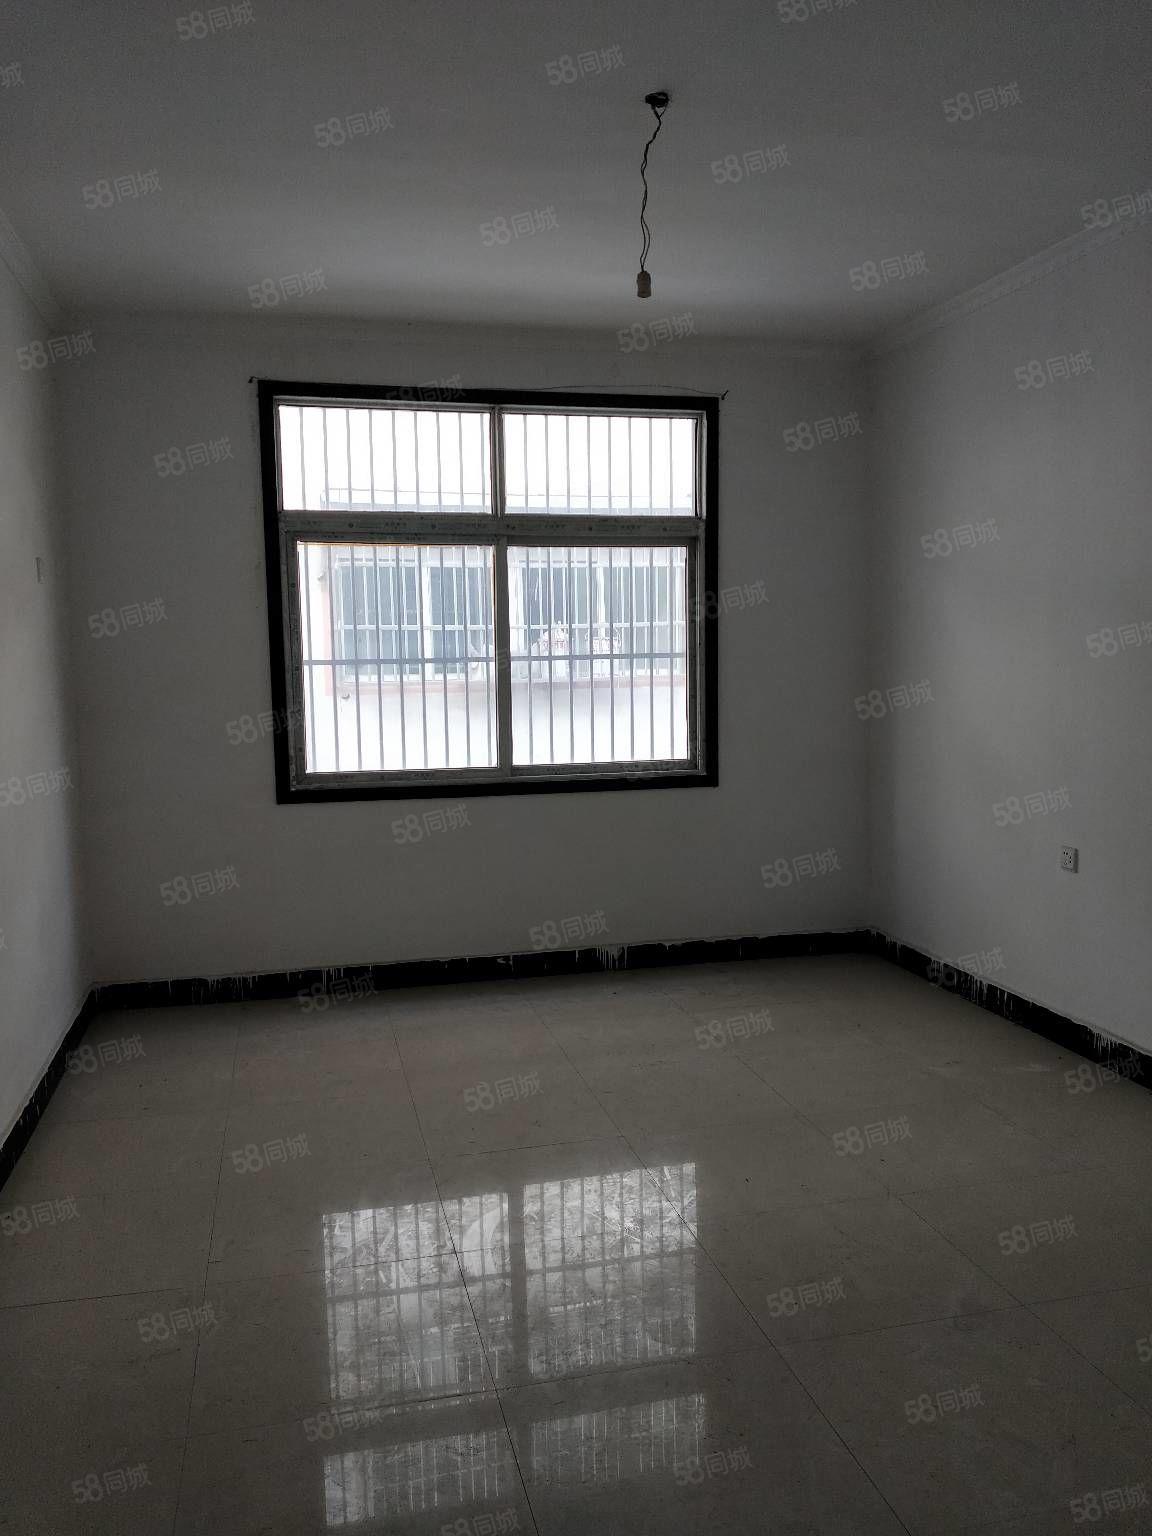 出租育才路二楼简单装有床全天阳光